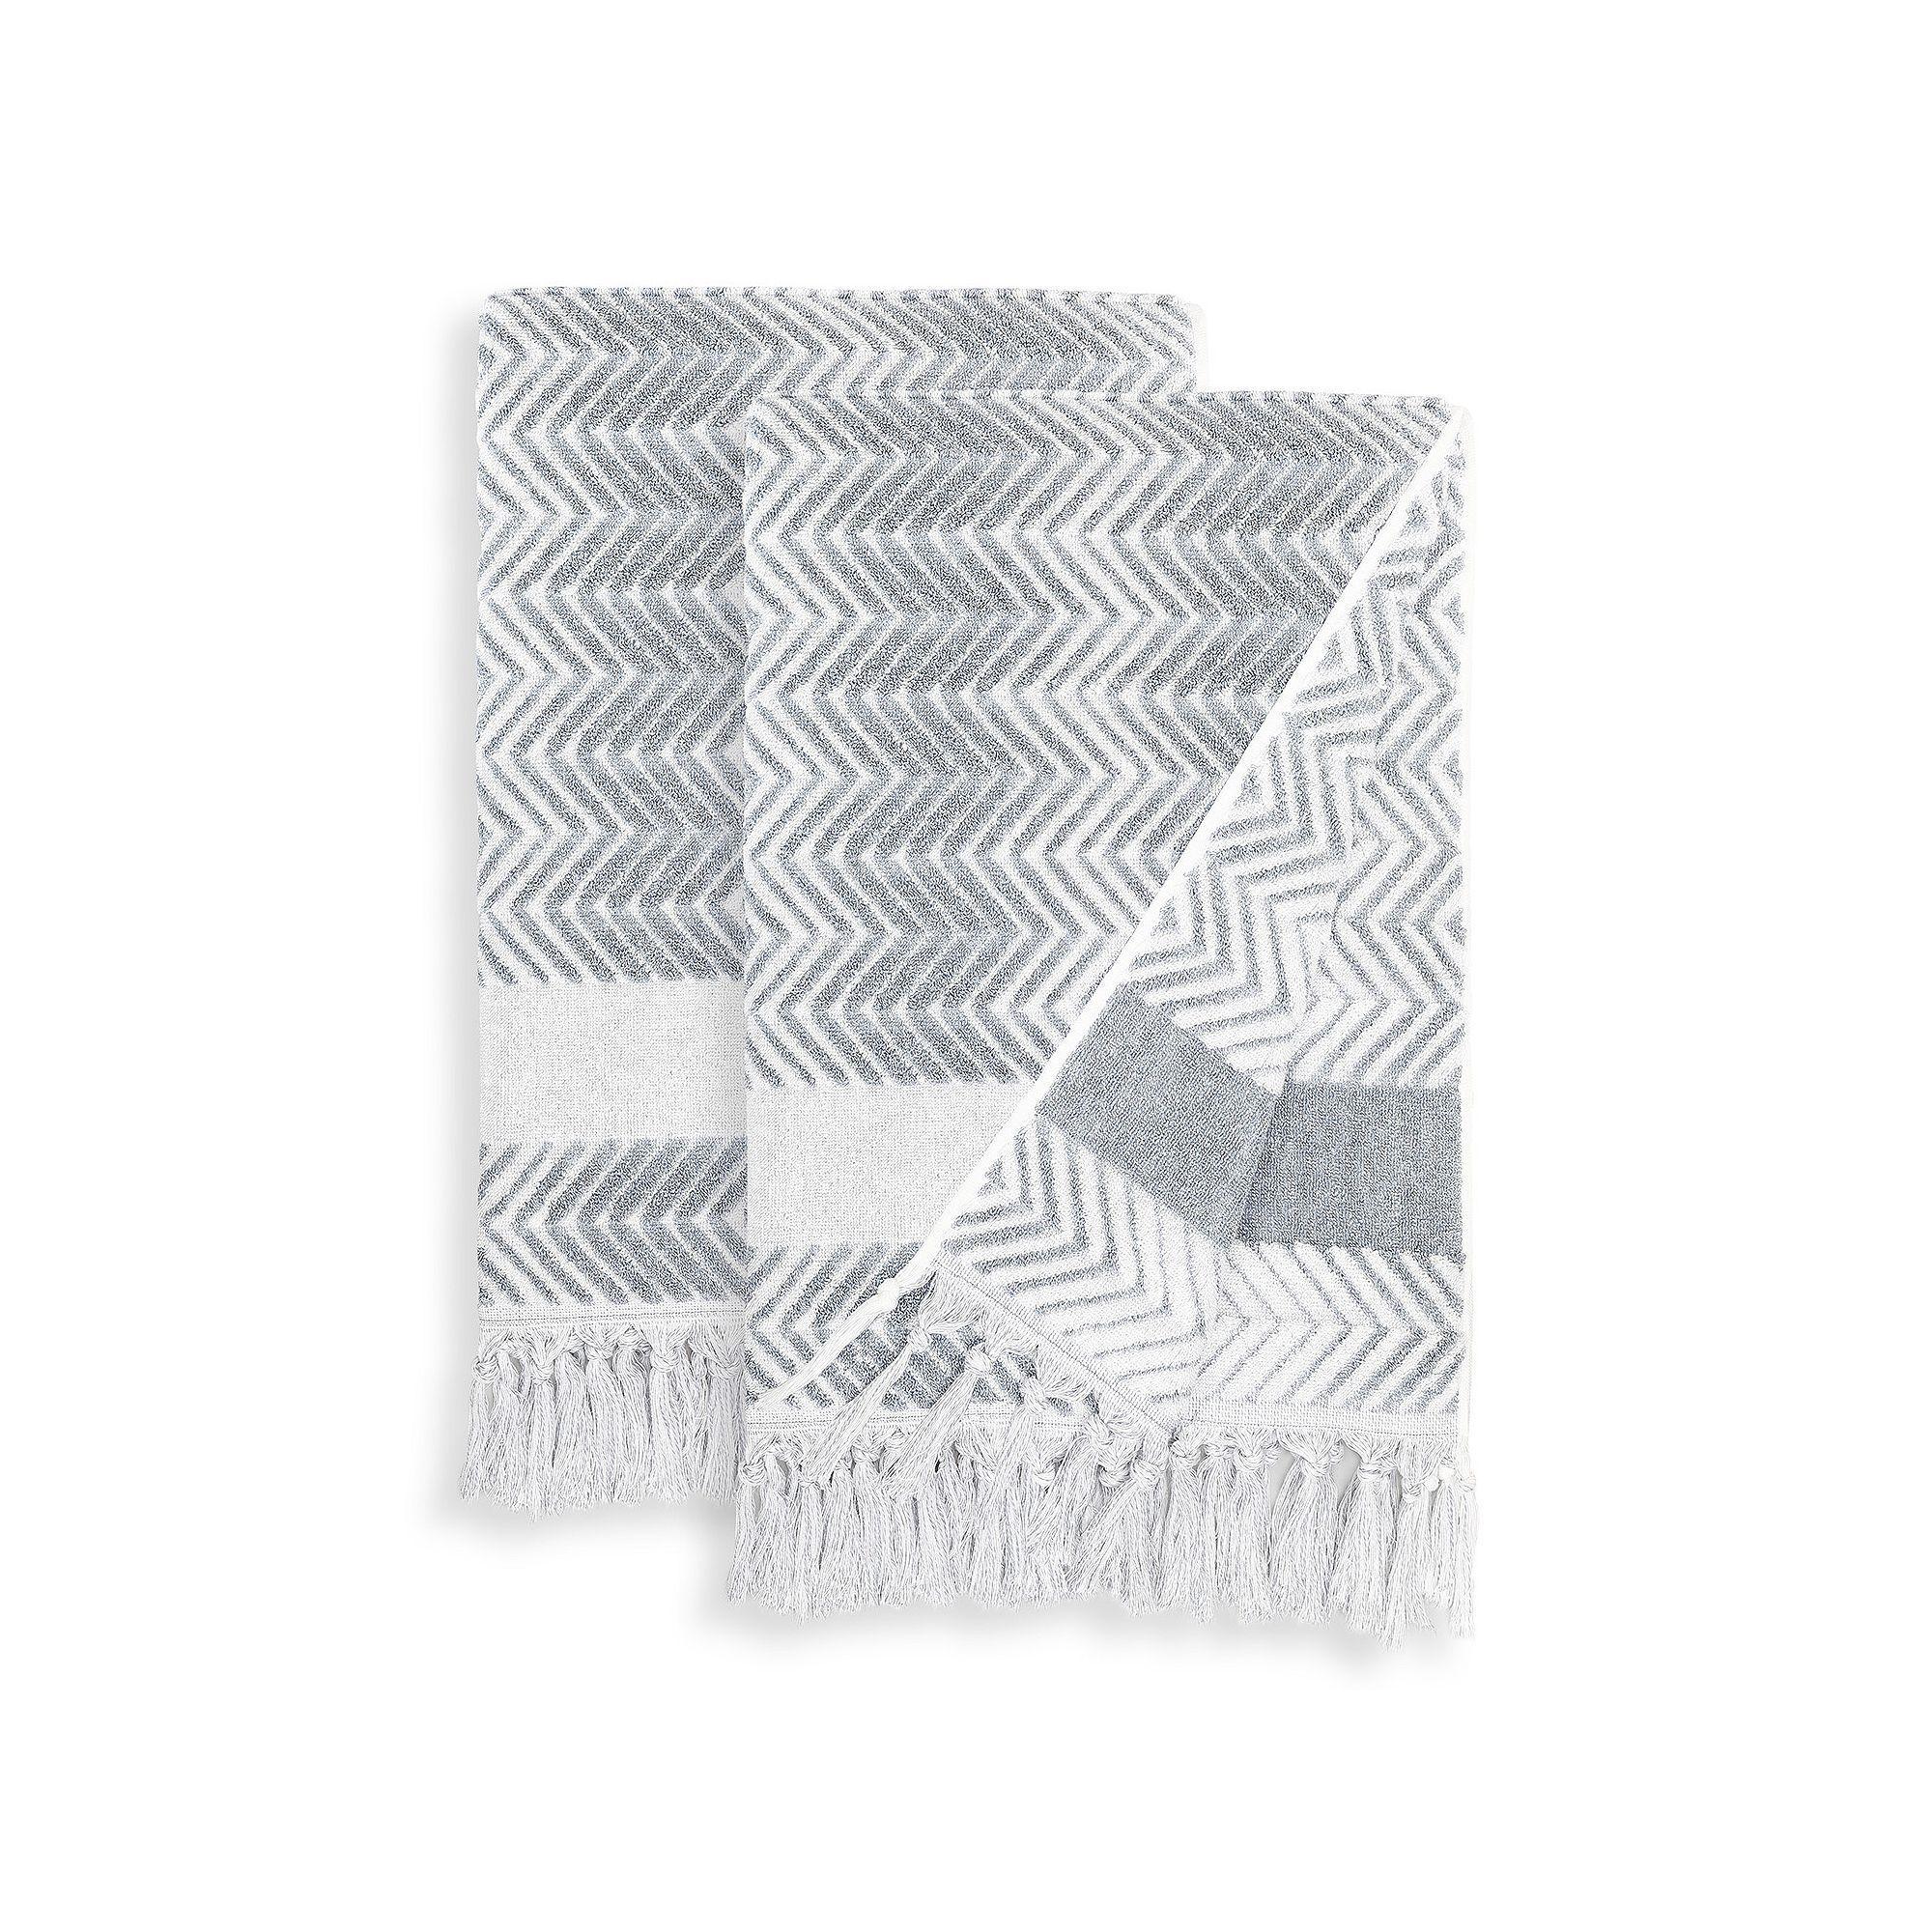 eba0de0013f4 Linum Home Textiles 2-pack Fringe Bath Towel Set | Products | Bath ...